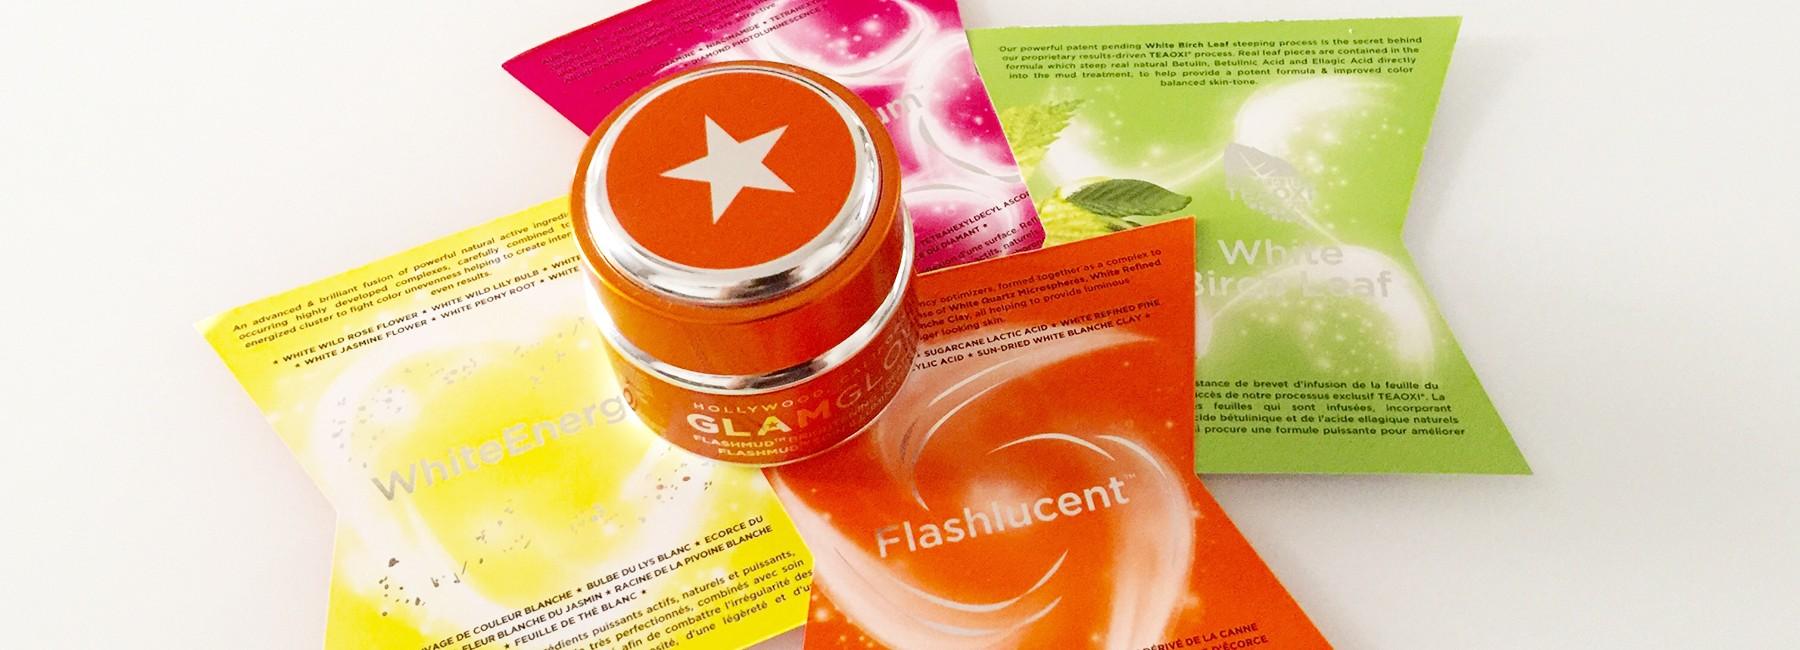 Flashmud pour illuminer